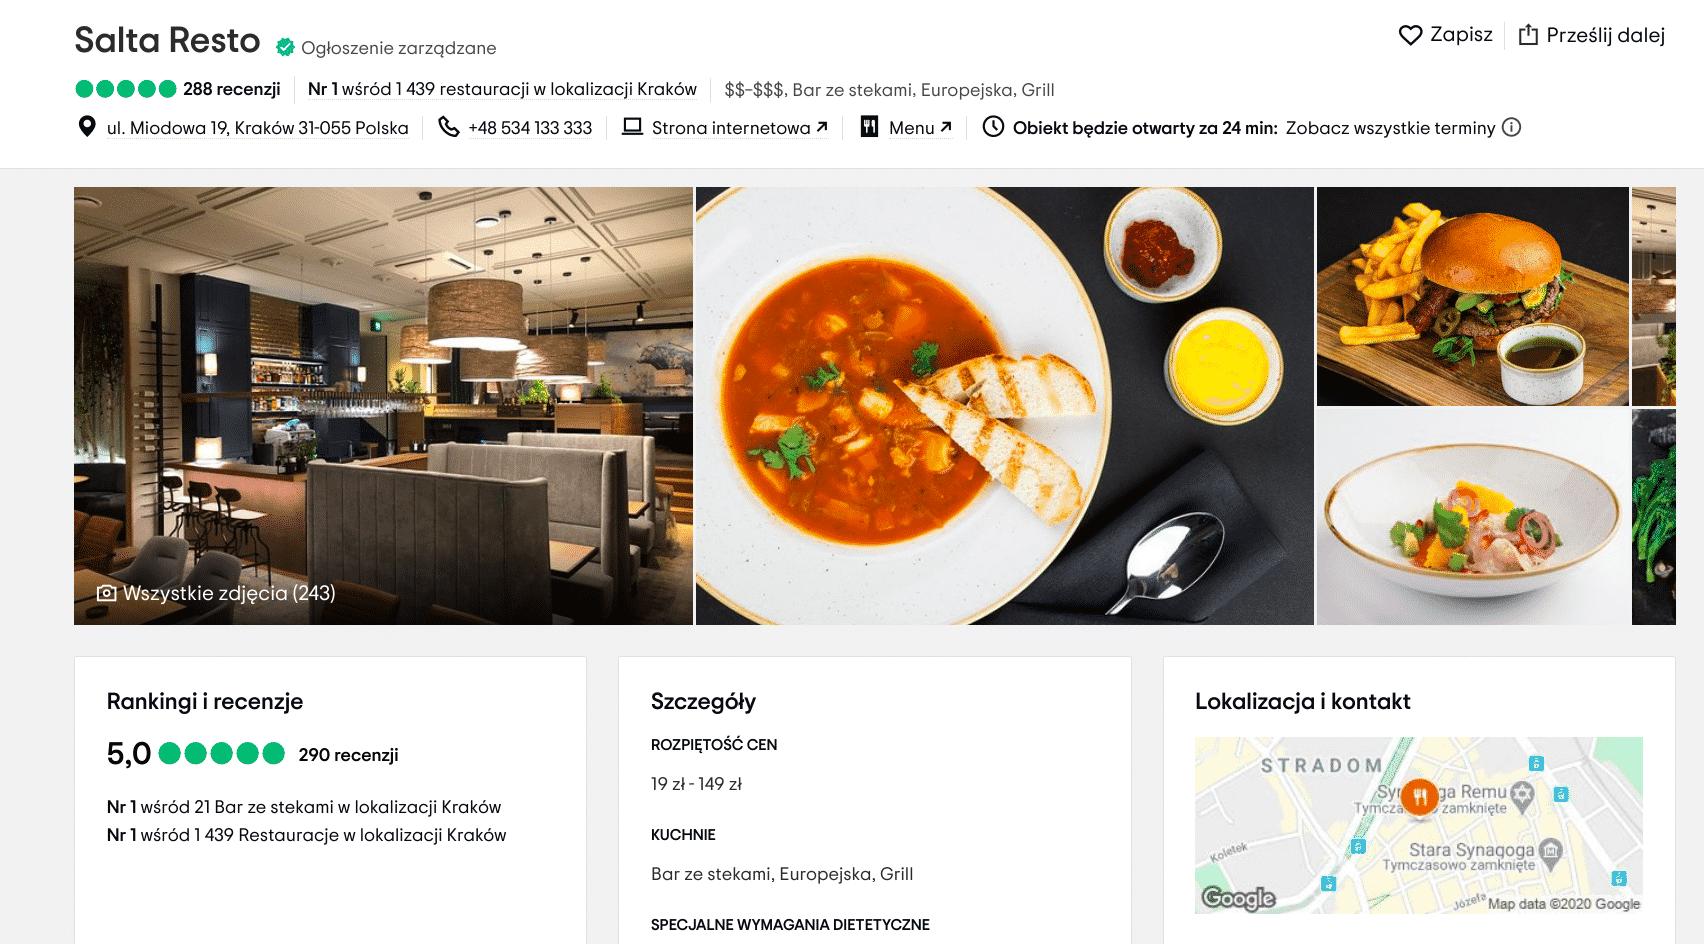 Najlepsze restauracje w Krakowie według użytkowników Trip Advisor: w kategorii ceny umiarkowane pierwsze miejsce zajęła restauracja Salta Resto, która znajduje się przy ulicy Miodowej.